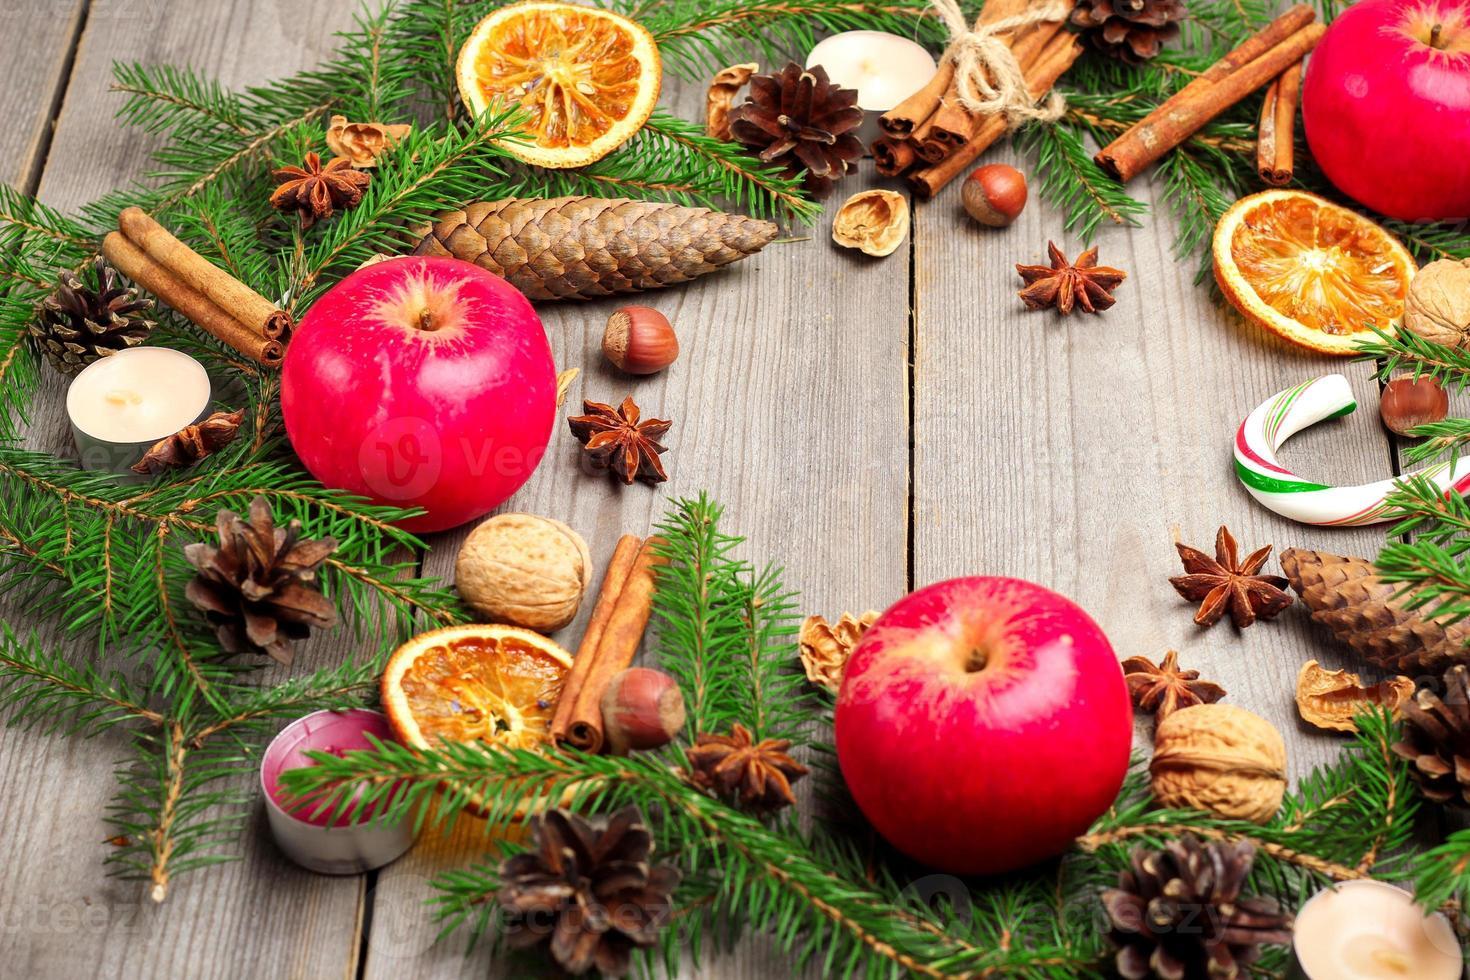 juldekoration med granträd, apelsiner, kottar, kryddor, appl foto